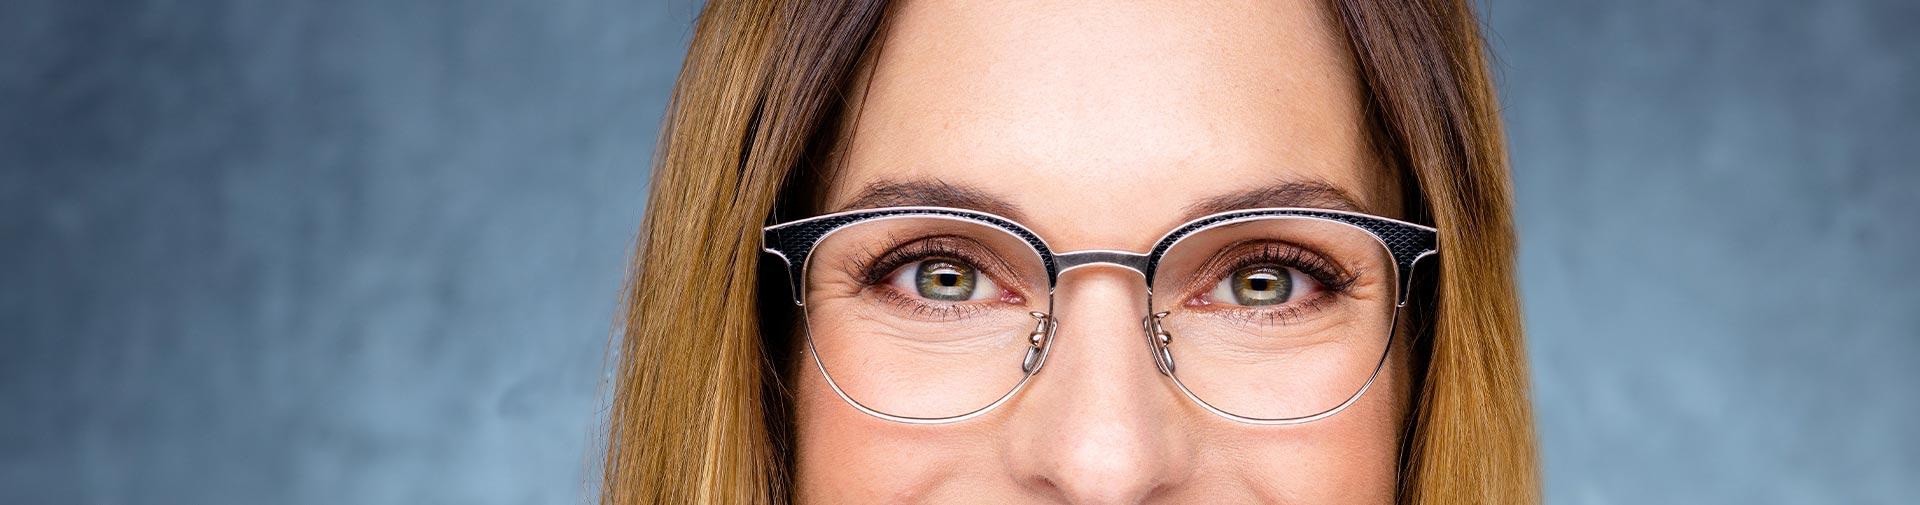 gute Textur am beliebtesten Turnschuhe für billige Angebote bei ROTTLER für Brillen und Sonnenbrillen entdecken!